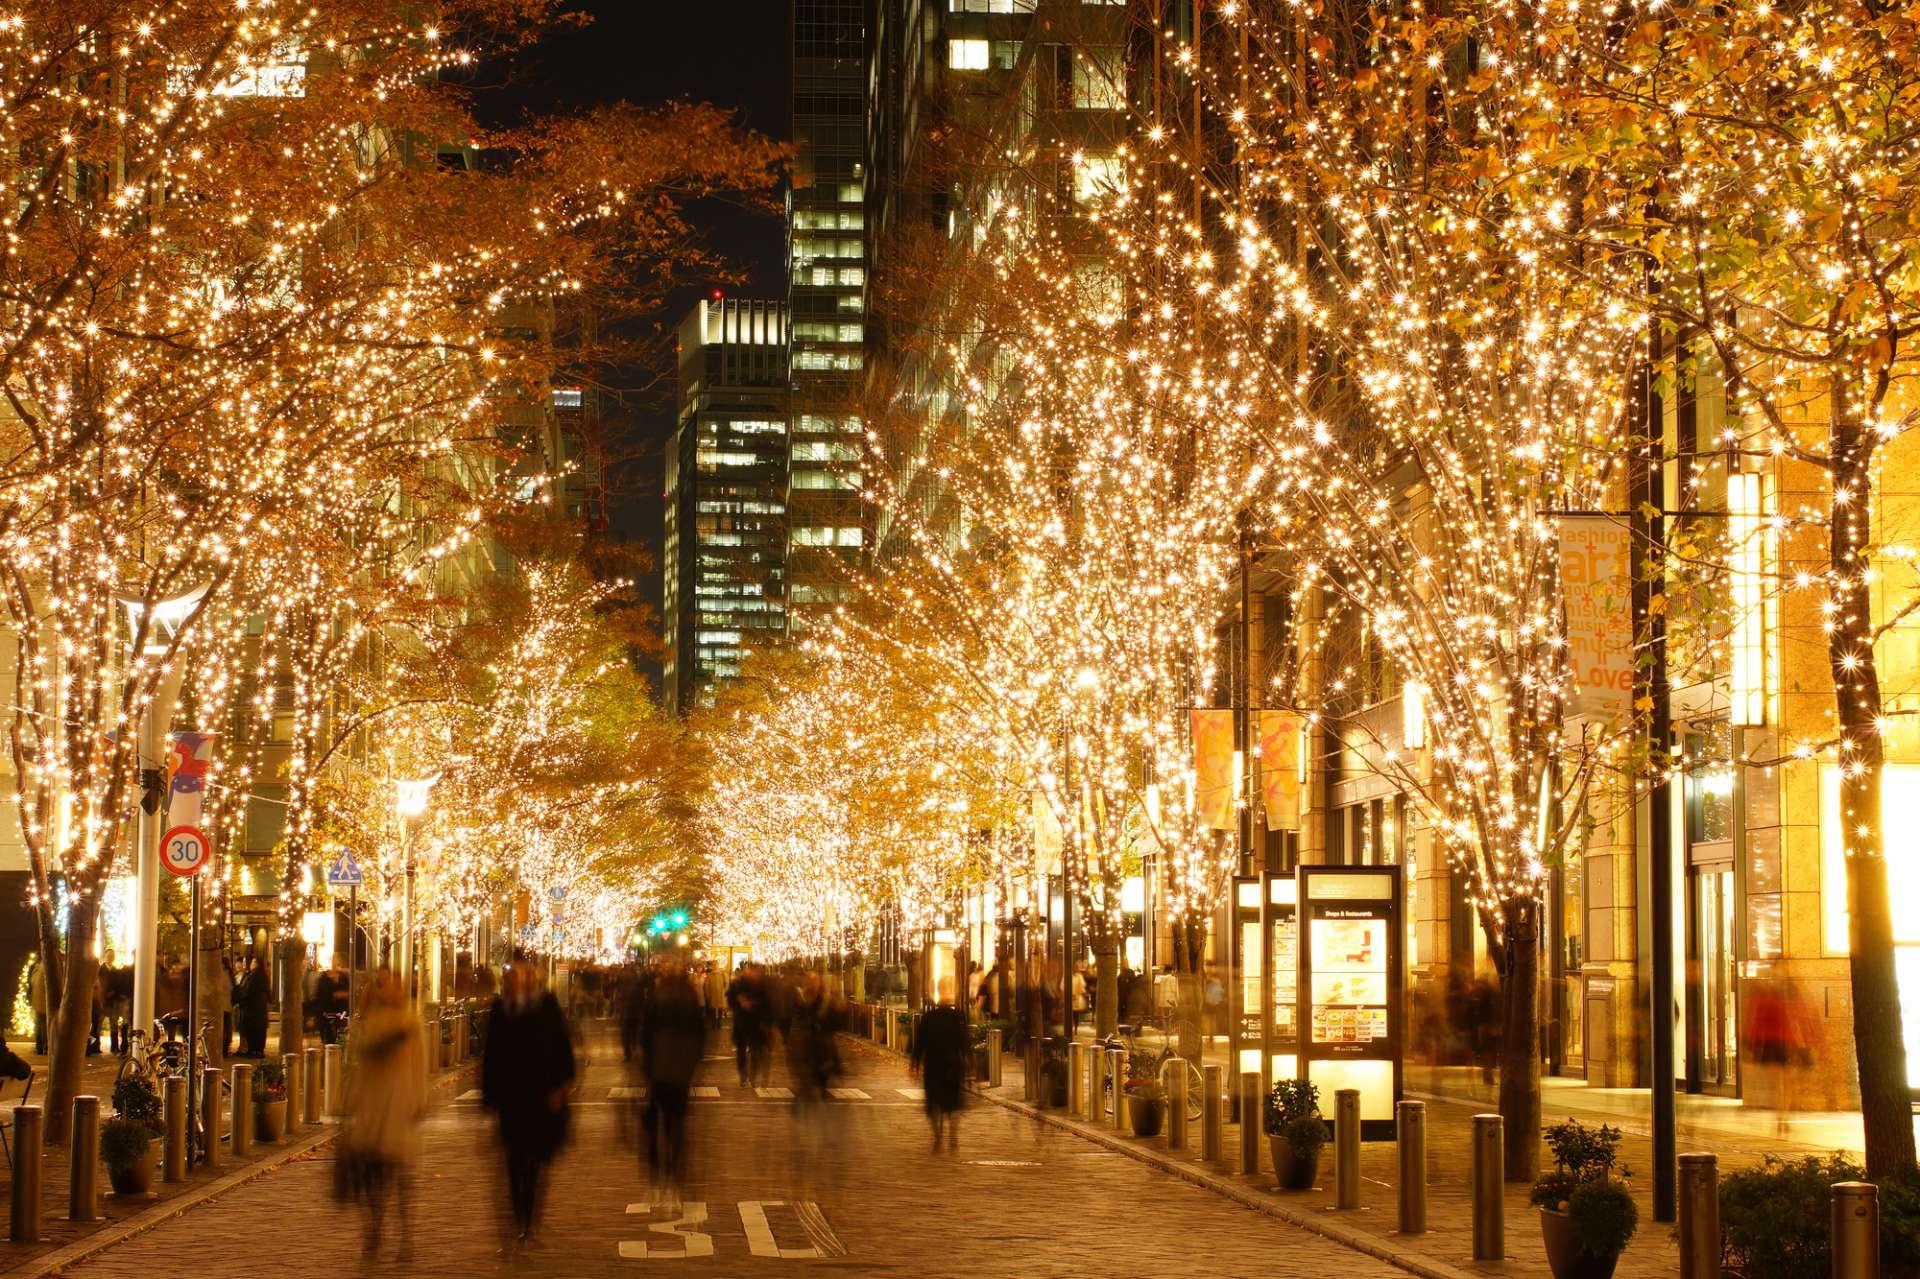 Marunouchi Illumination Tokyo